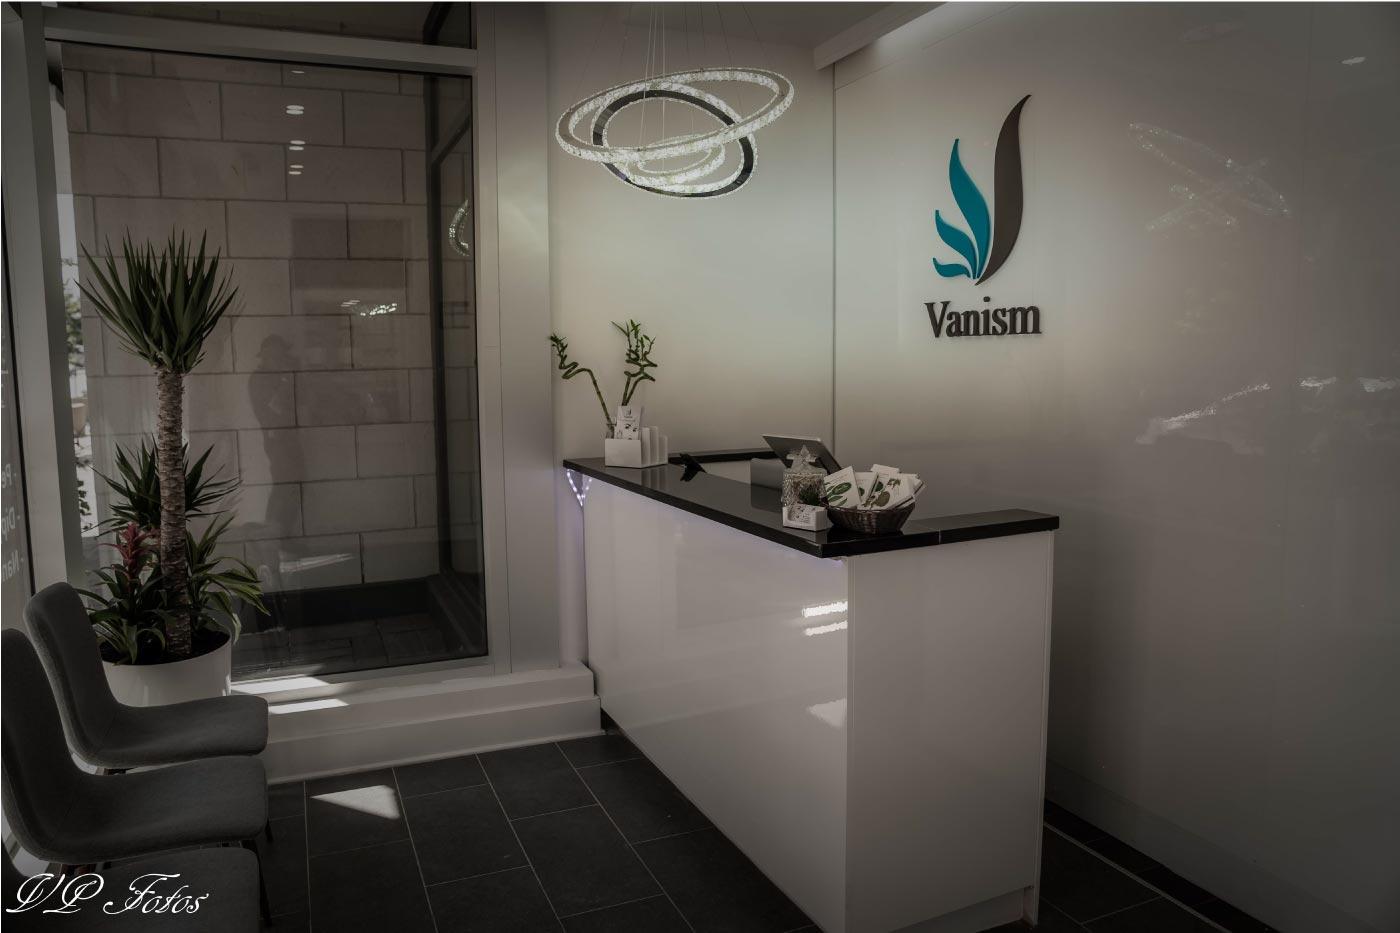 vanism-lobby